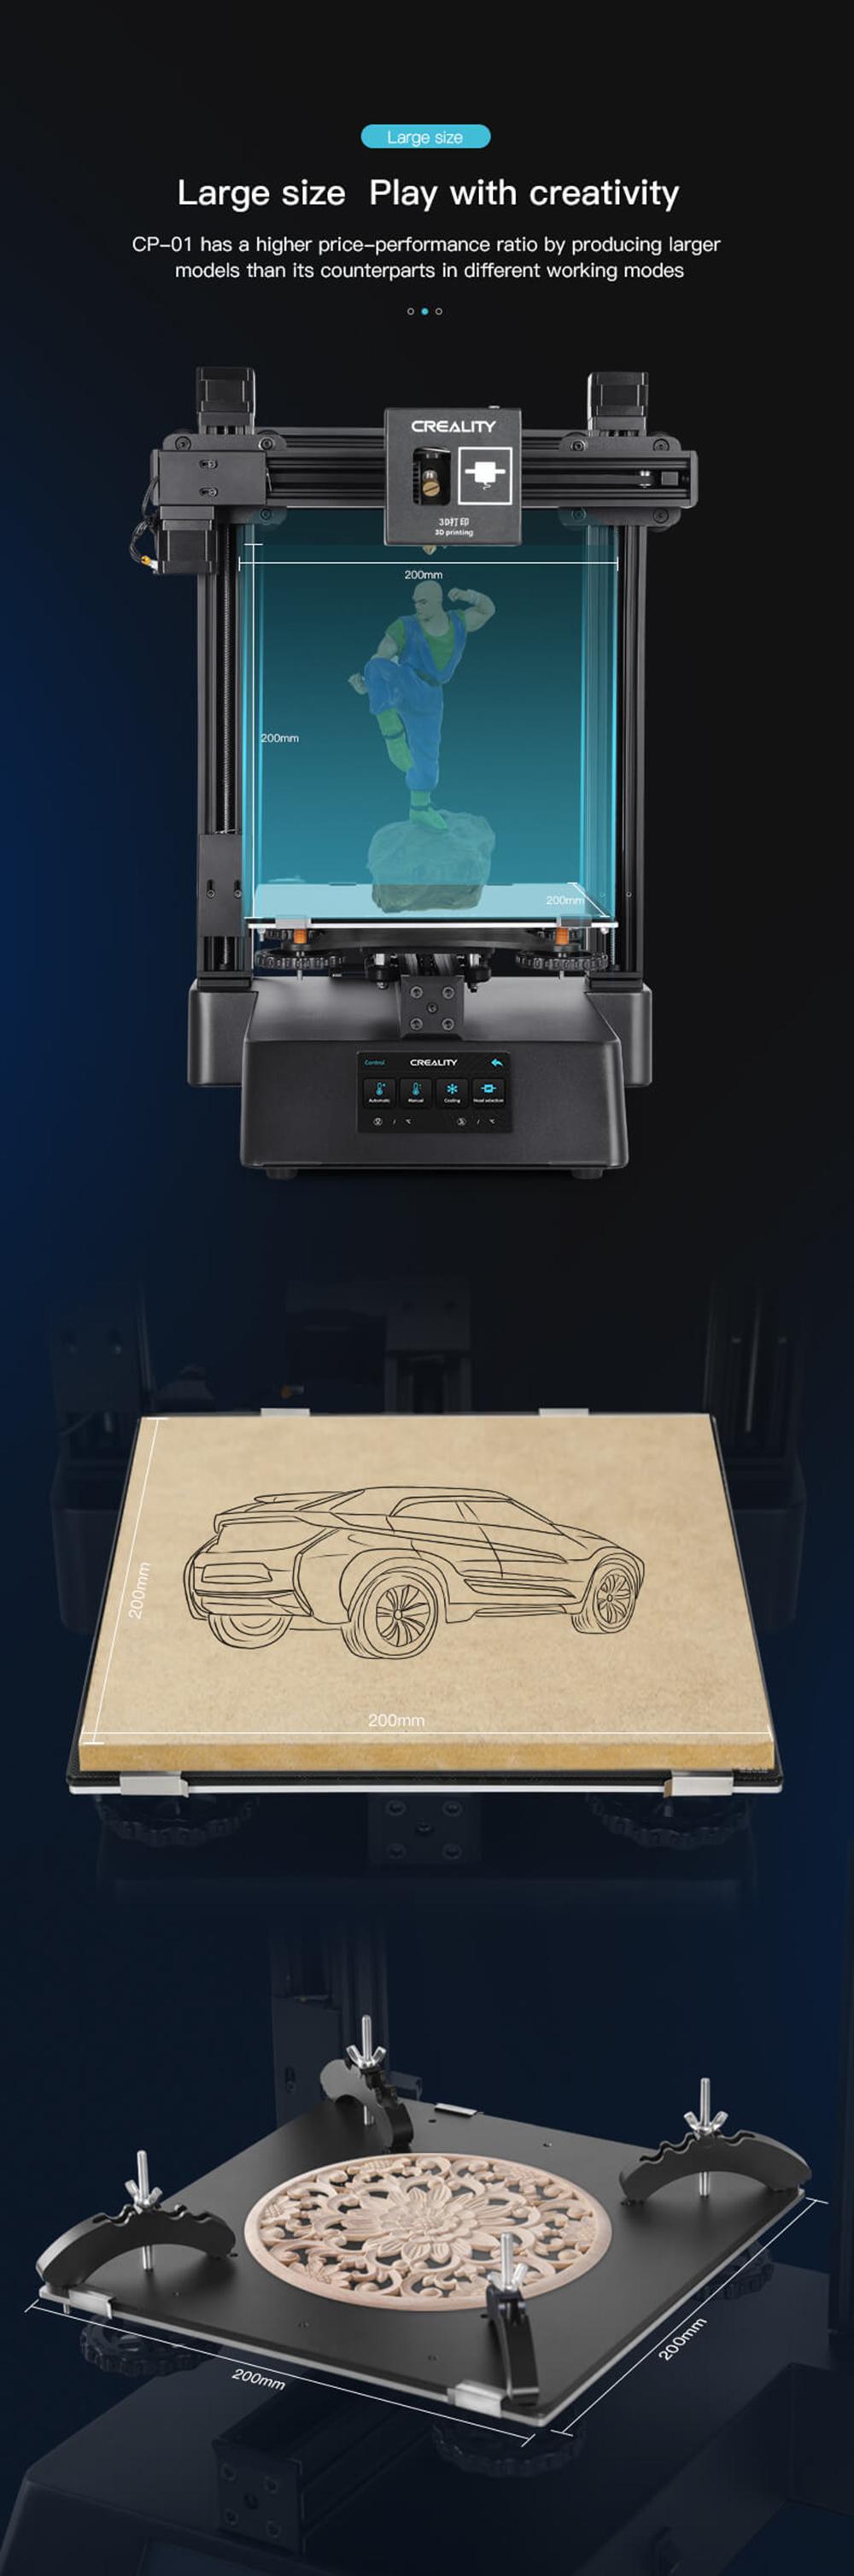 Creality3D CP-01 Multitool 3D-Drucker Bausatz - 200x200x200mm - Großer Bauraum